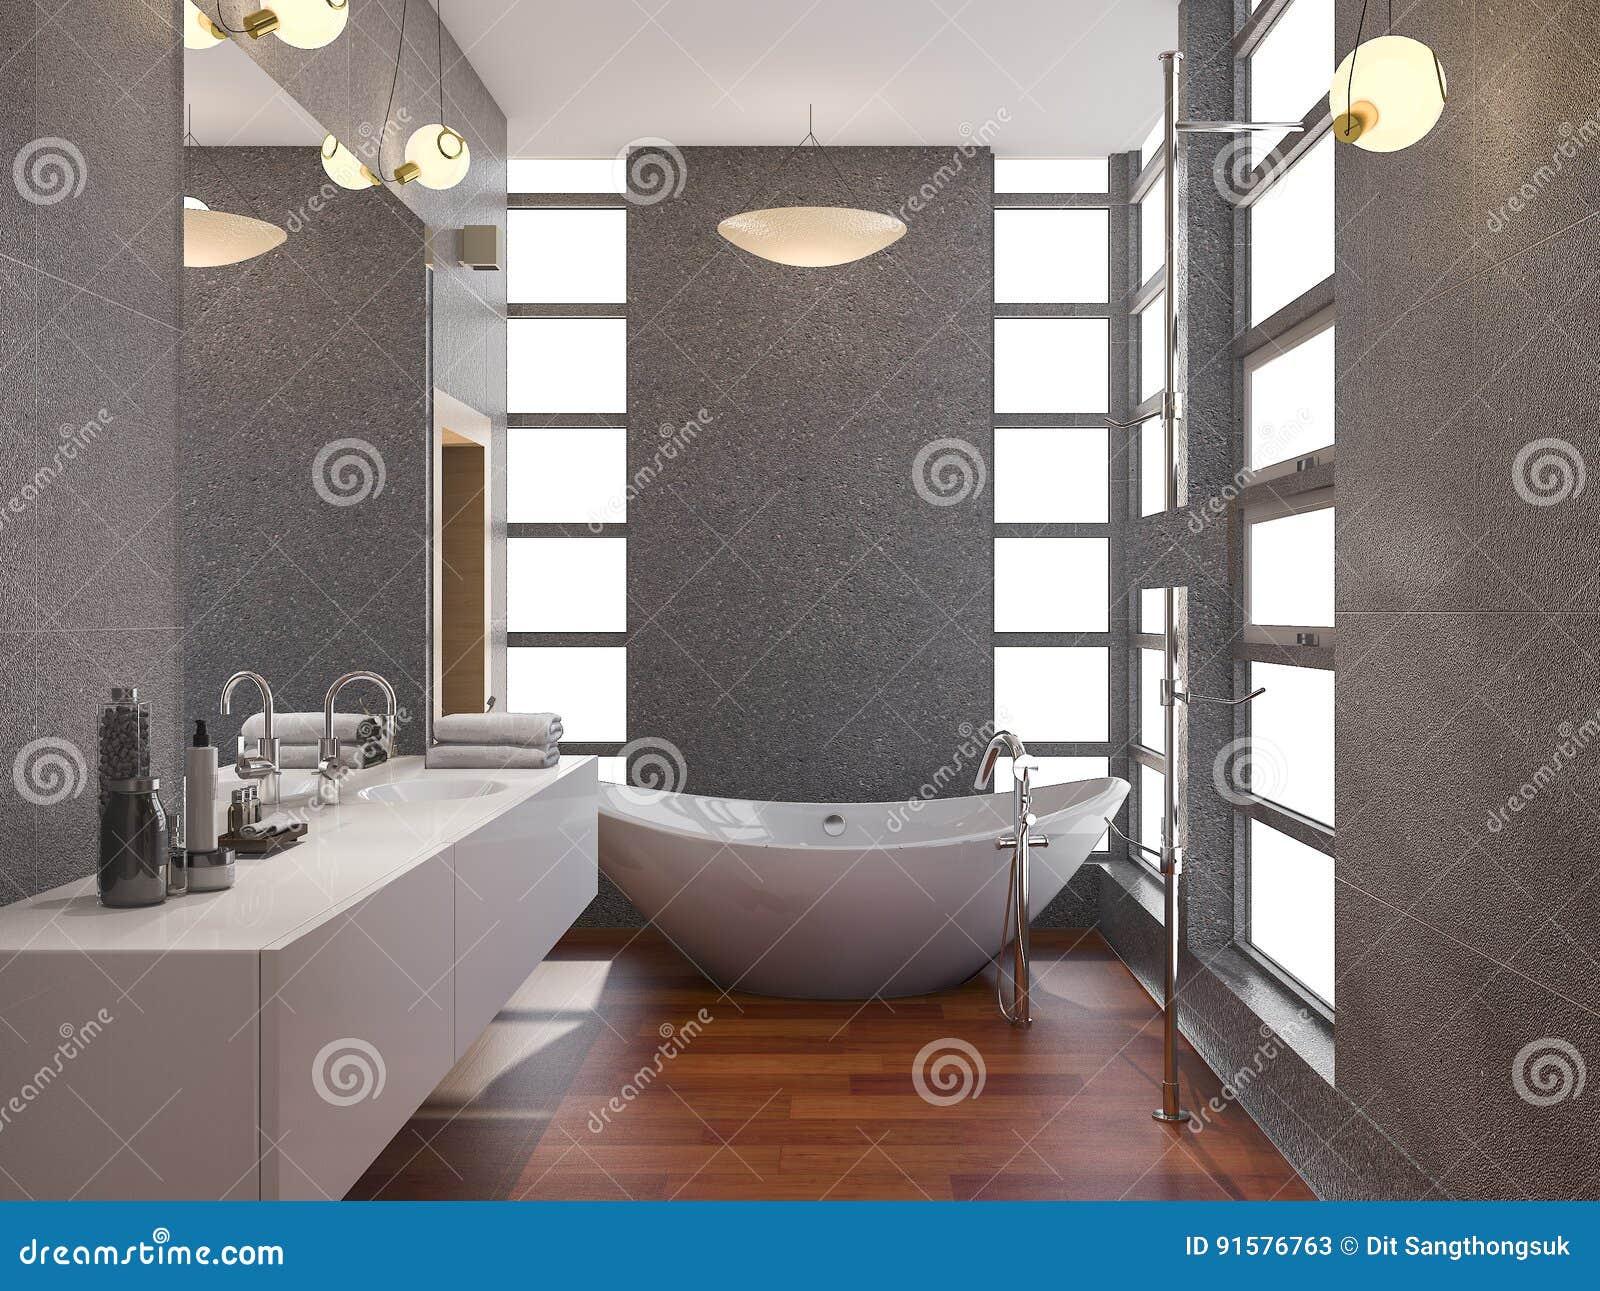 La Salle De Bains Moderne En Bois Du Rendu 3d Avec La Fenêtre Et La ...